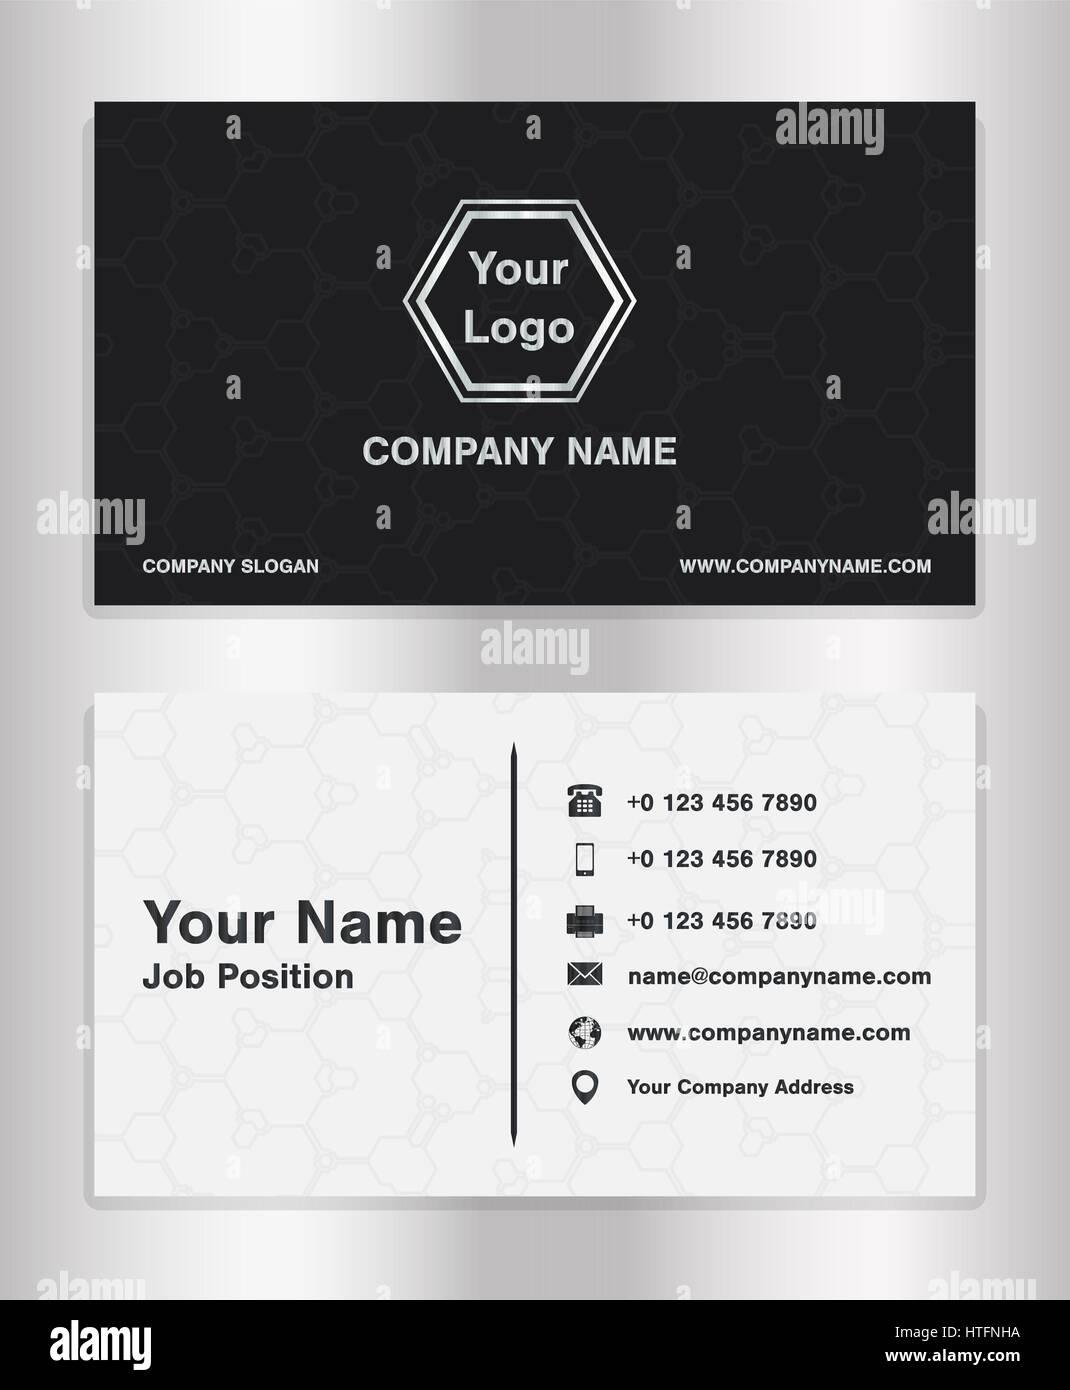 einfache Schwarz-Weiß-Thema Business Name Karte Vorlage Vektor ...